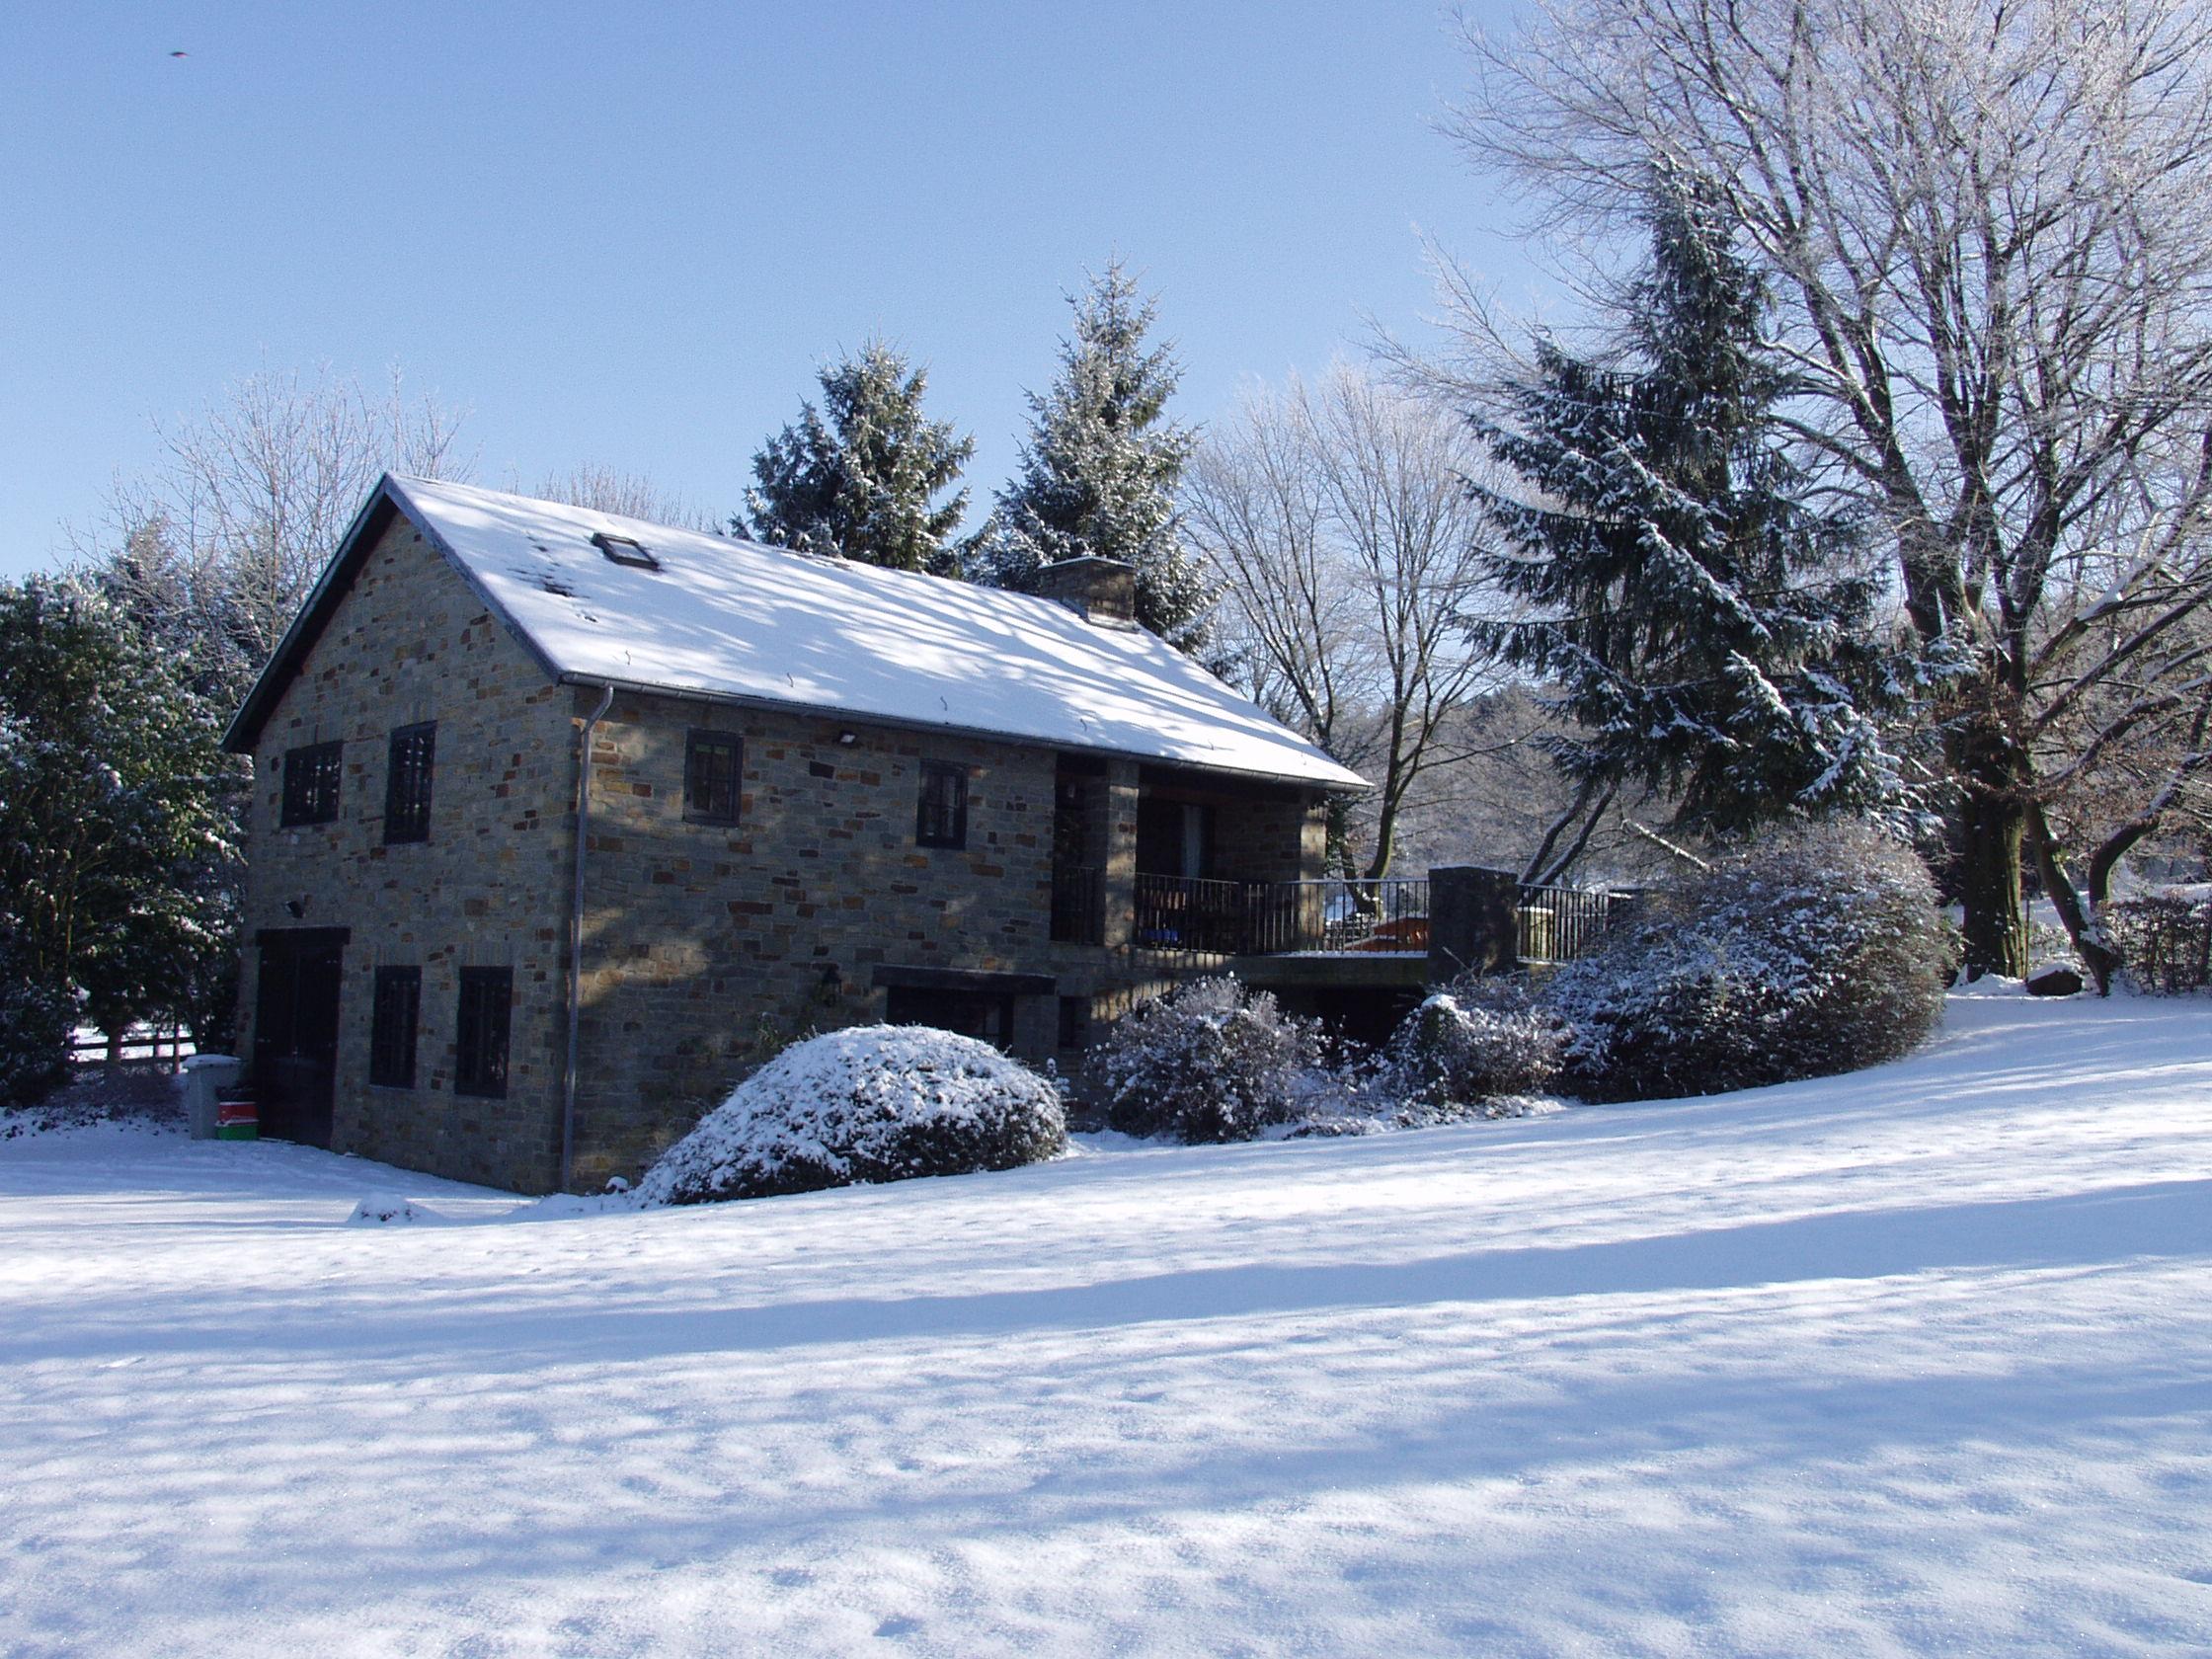 ook met sneeuw heerlijk genieten